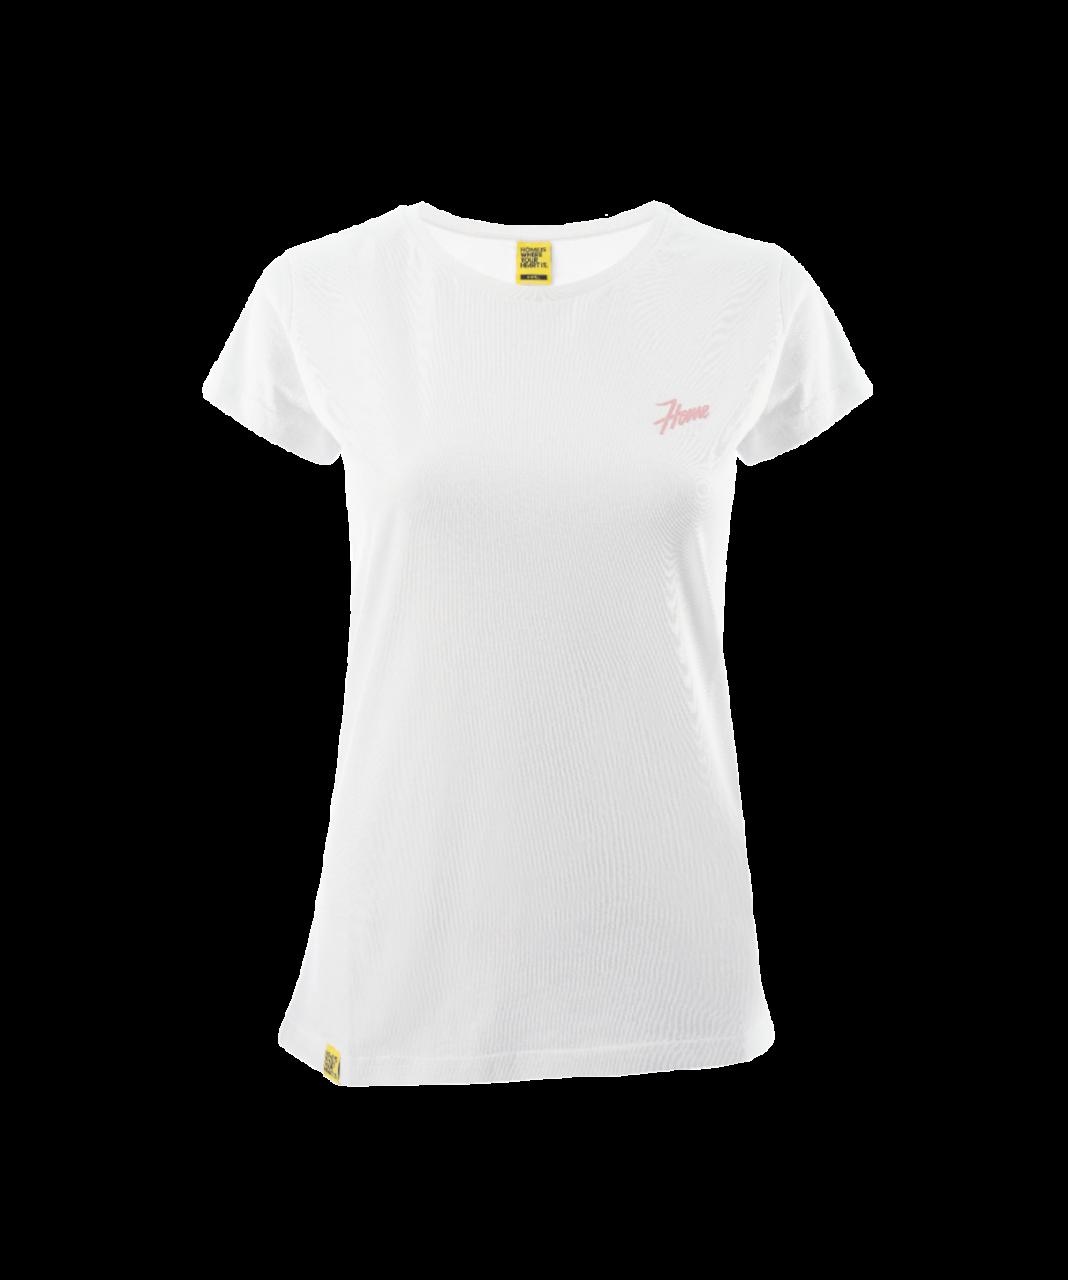 Home Script Women's T-Shirt